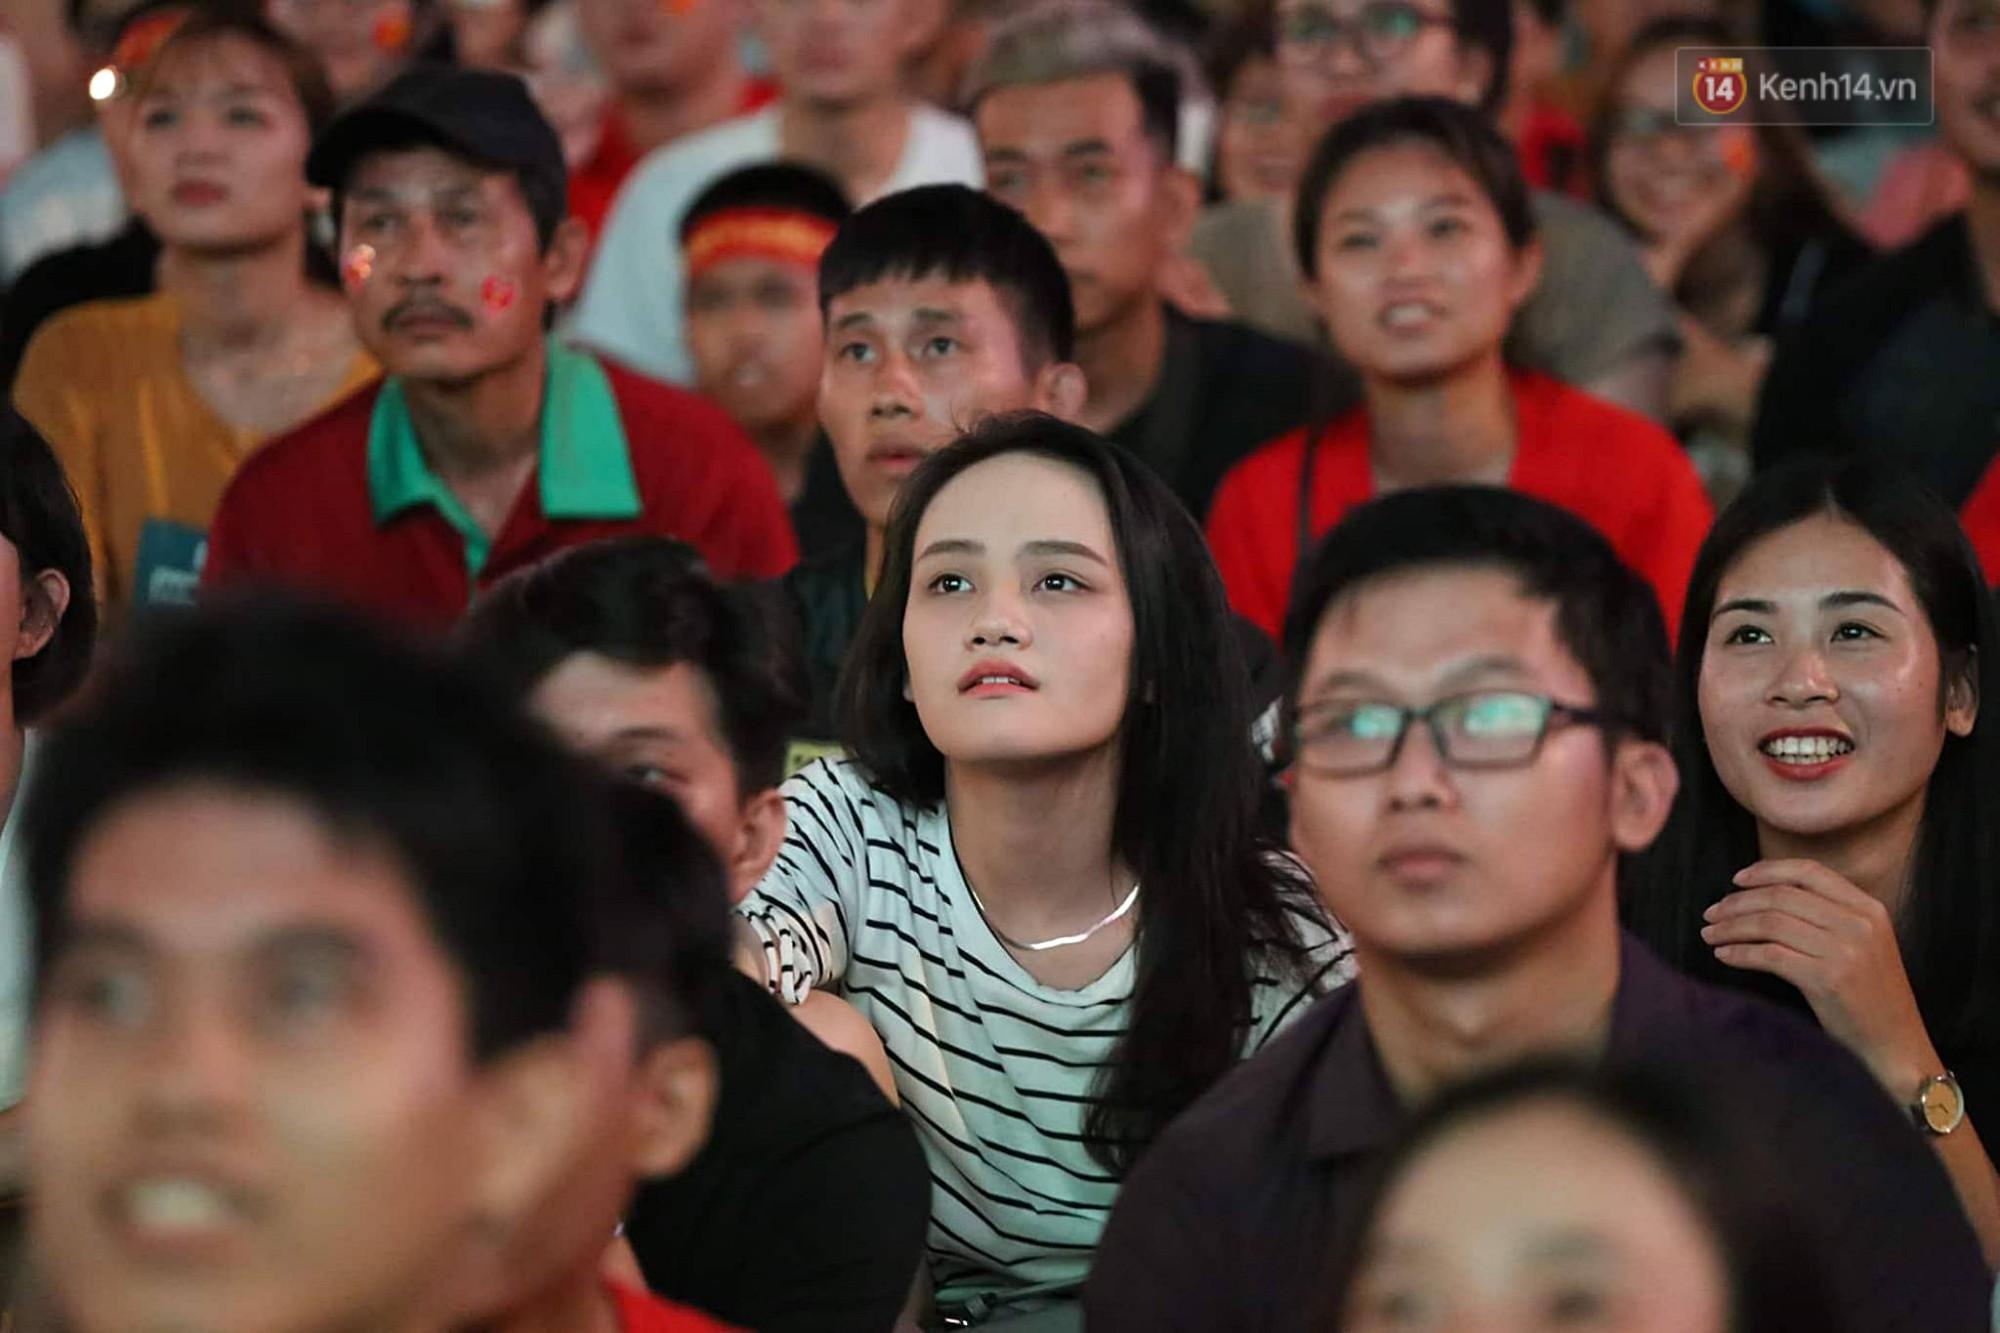 Nhìn lại chuỗi cảm xúc biến động của CĐV Việt Nam trong trận thắng ngộp thở 1-0 trước Thái Lan - Ảnh 3.